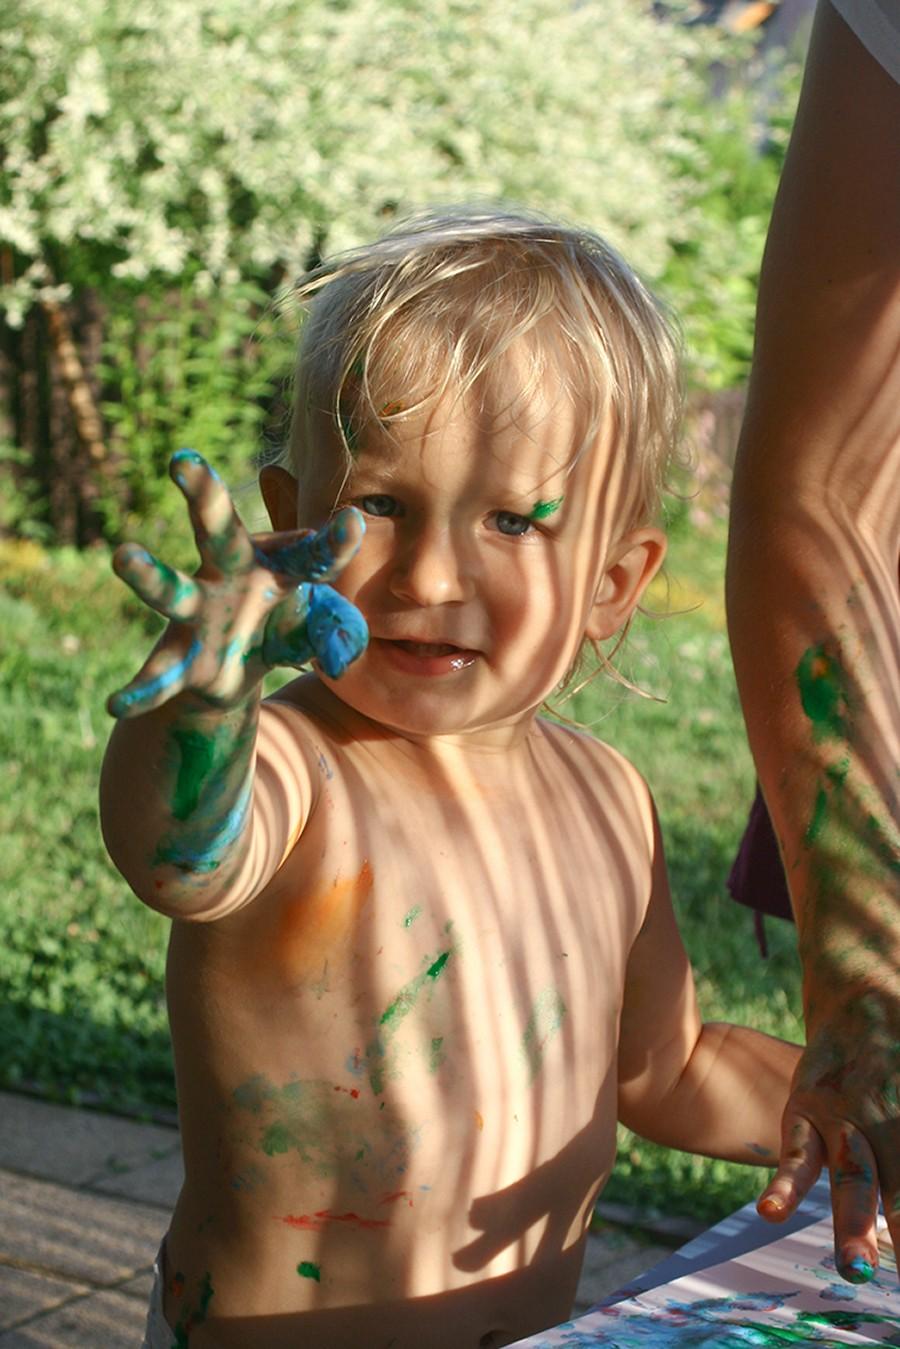 dziecko malujace farbami